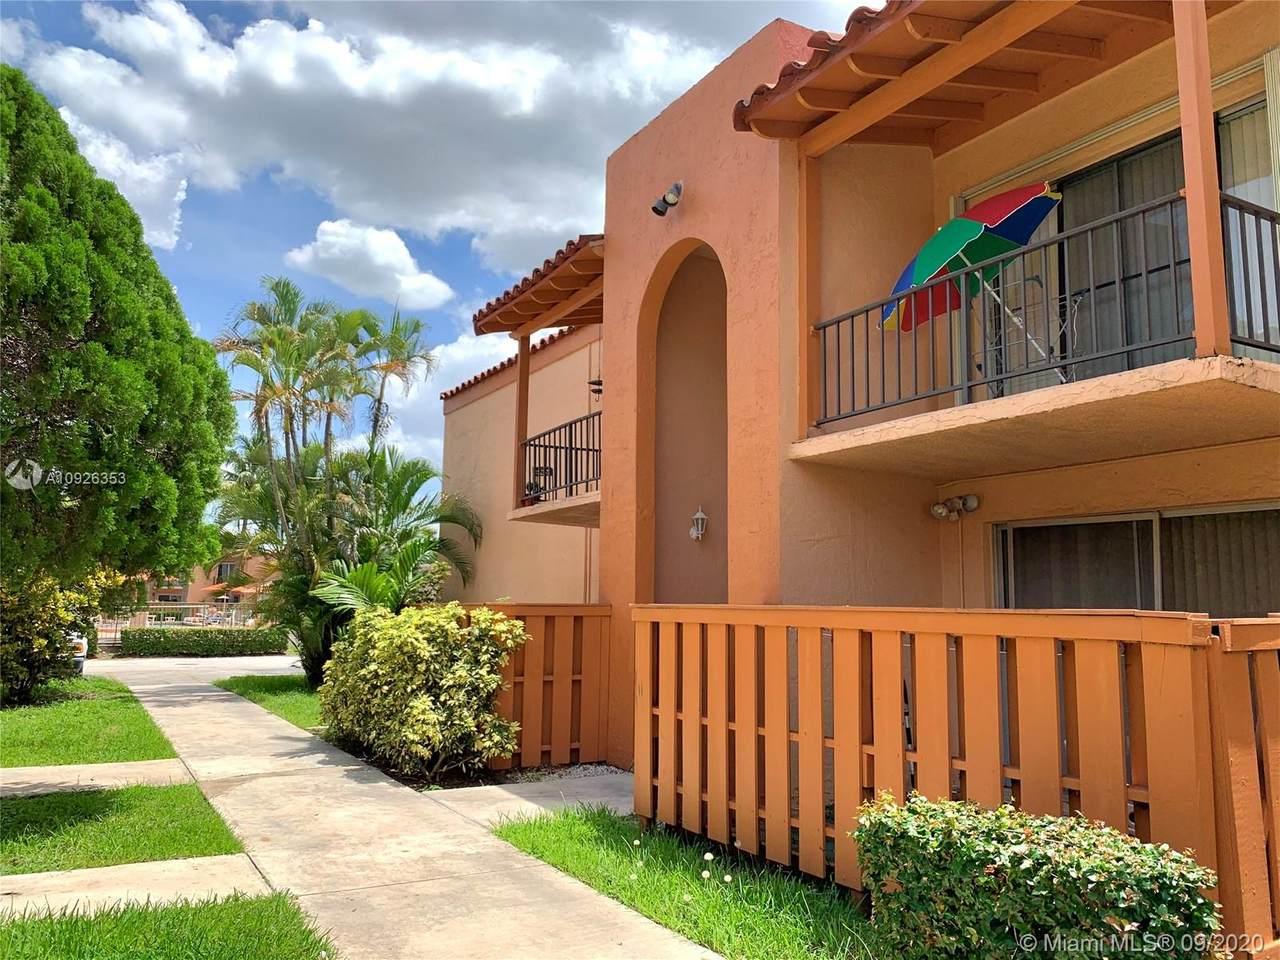 7231 Miami Lakes Dr - Photo 1